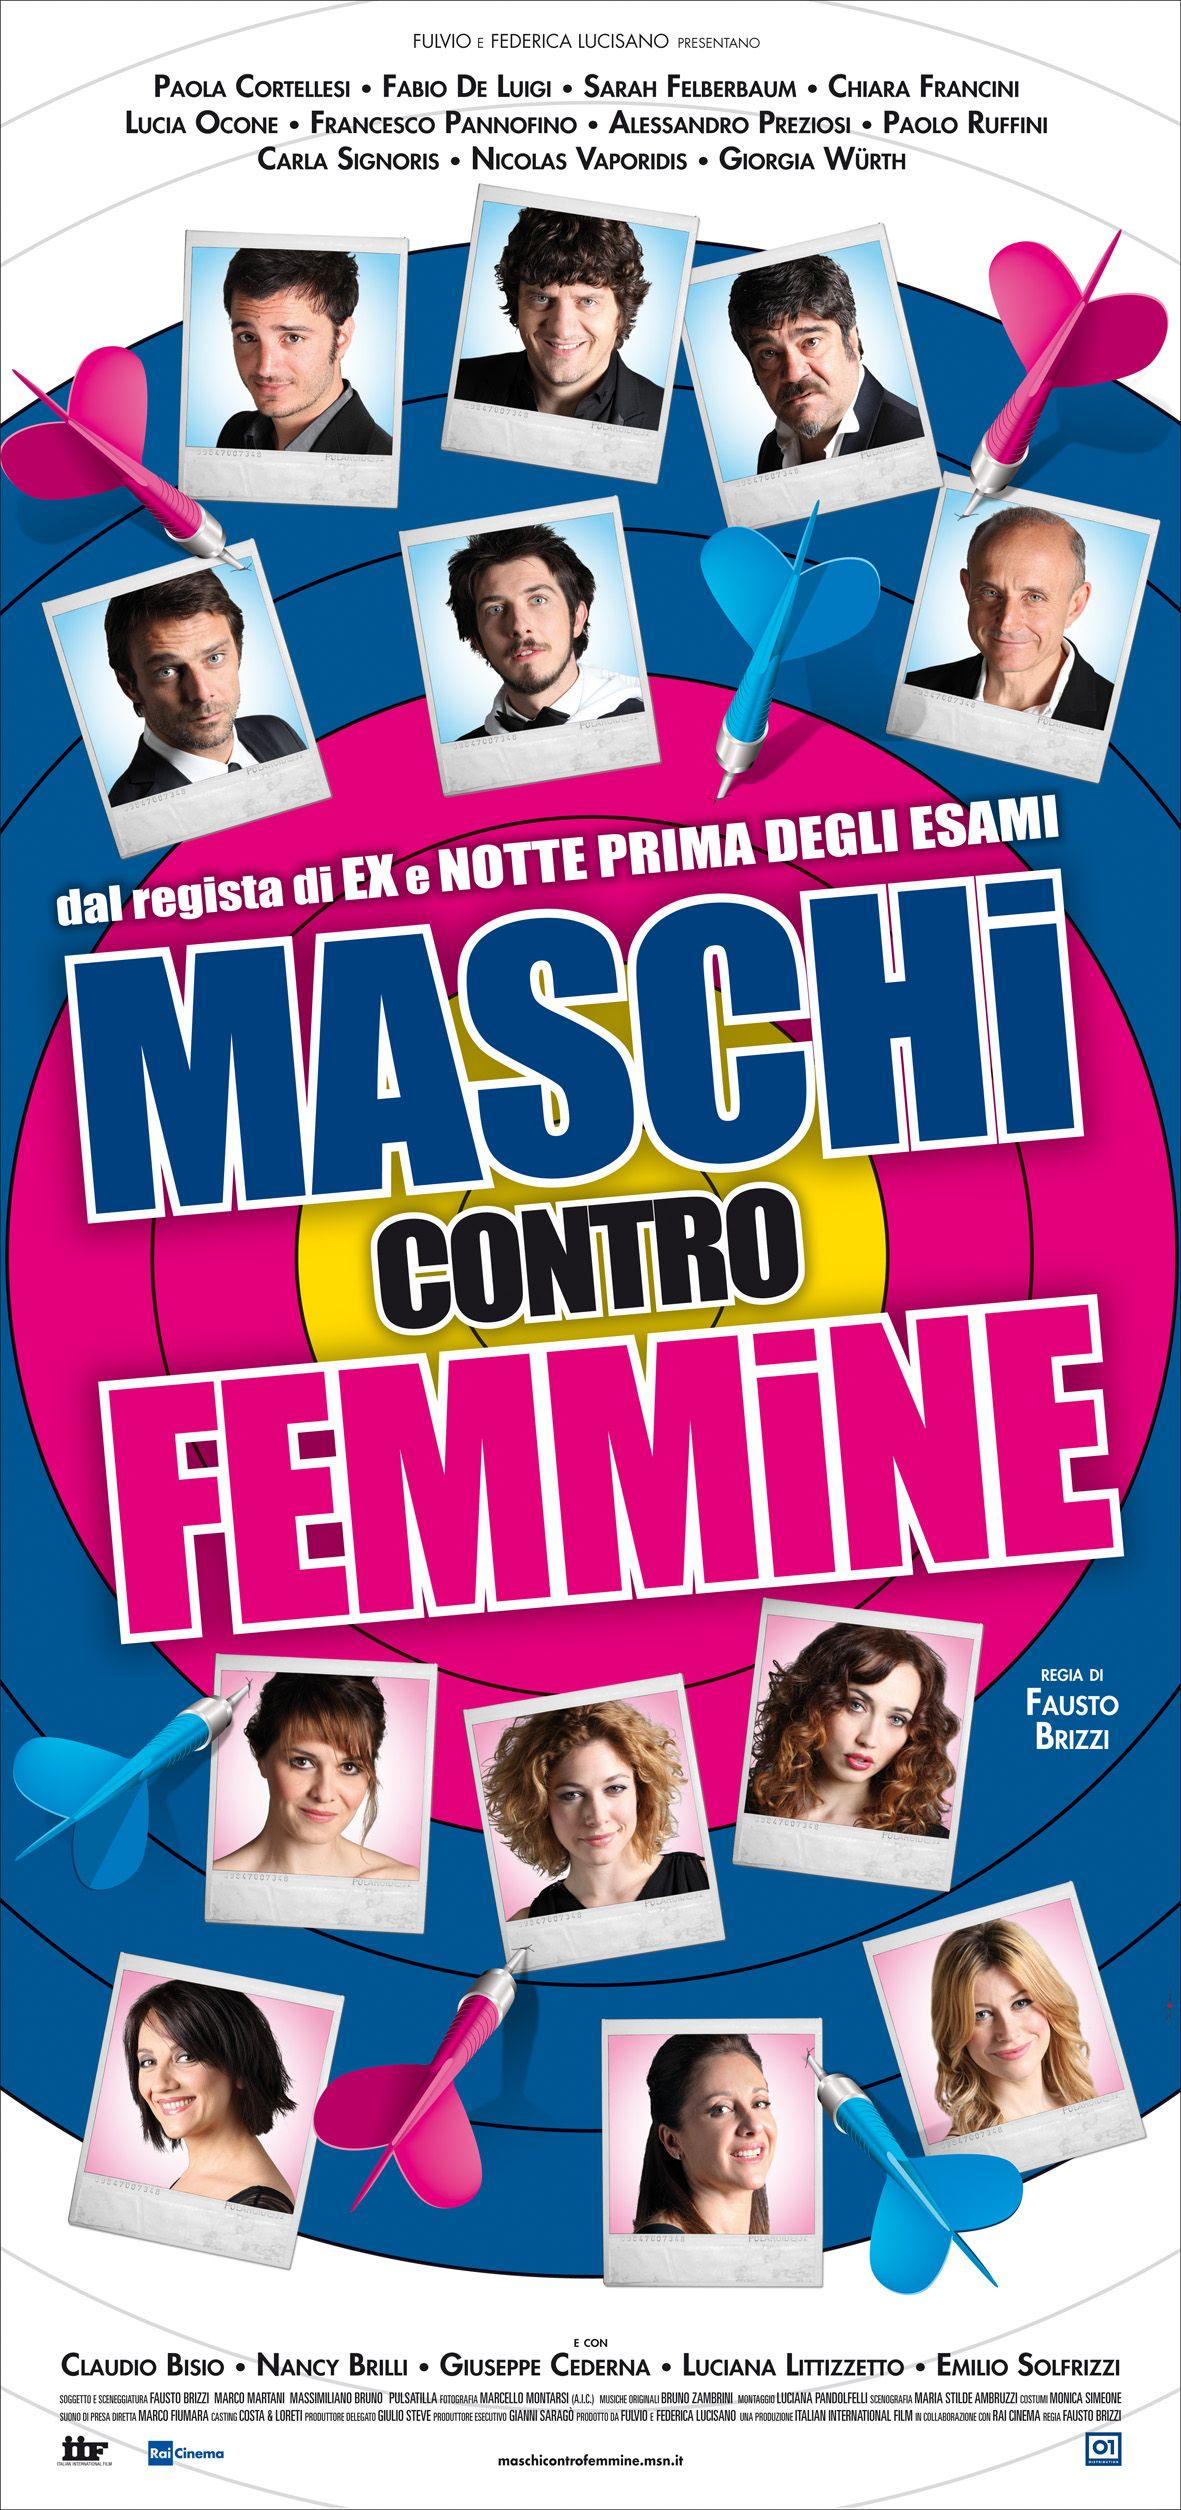 Maschi Contro Femmine Di Fausto Brizzi 2010 Femminismo Registi Commedia